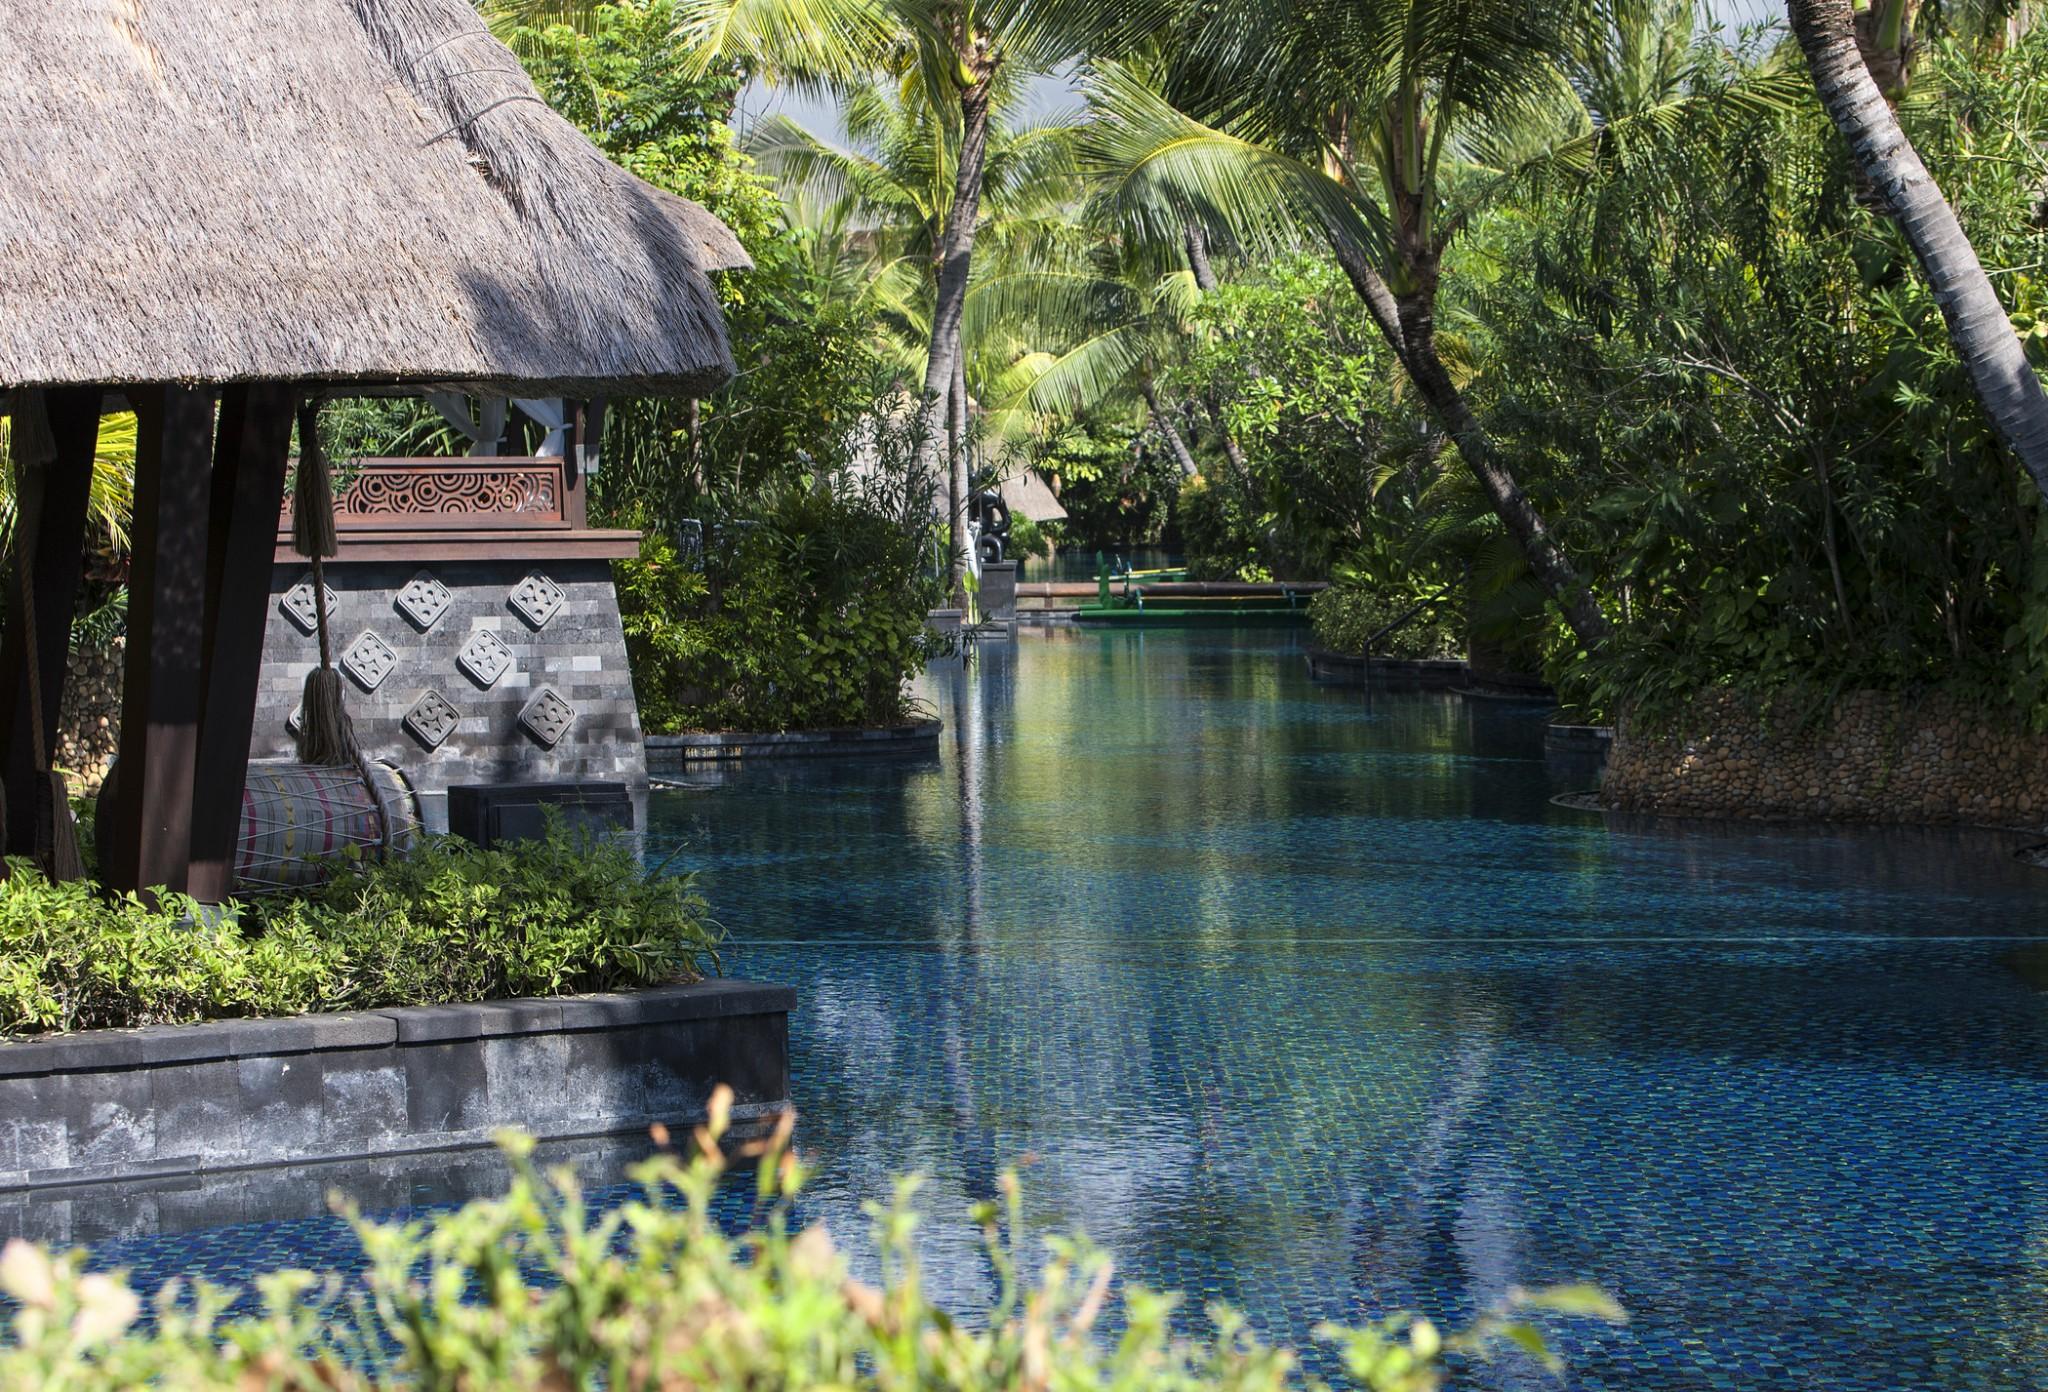 St Regis Bali-124252-Salt Water Lagoon